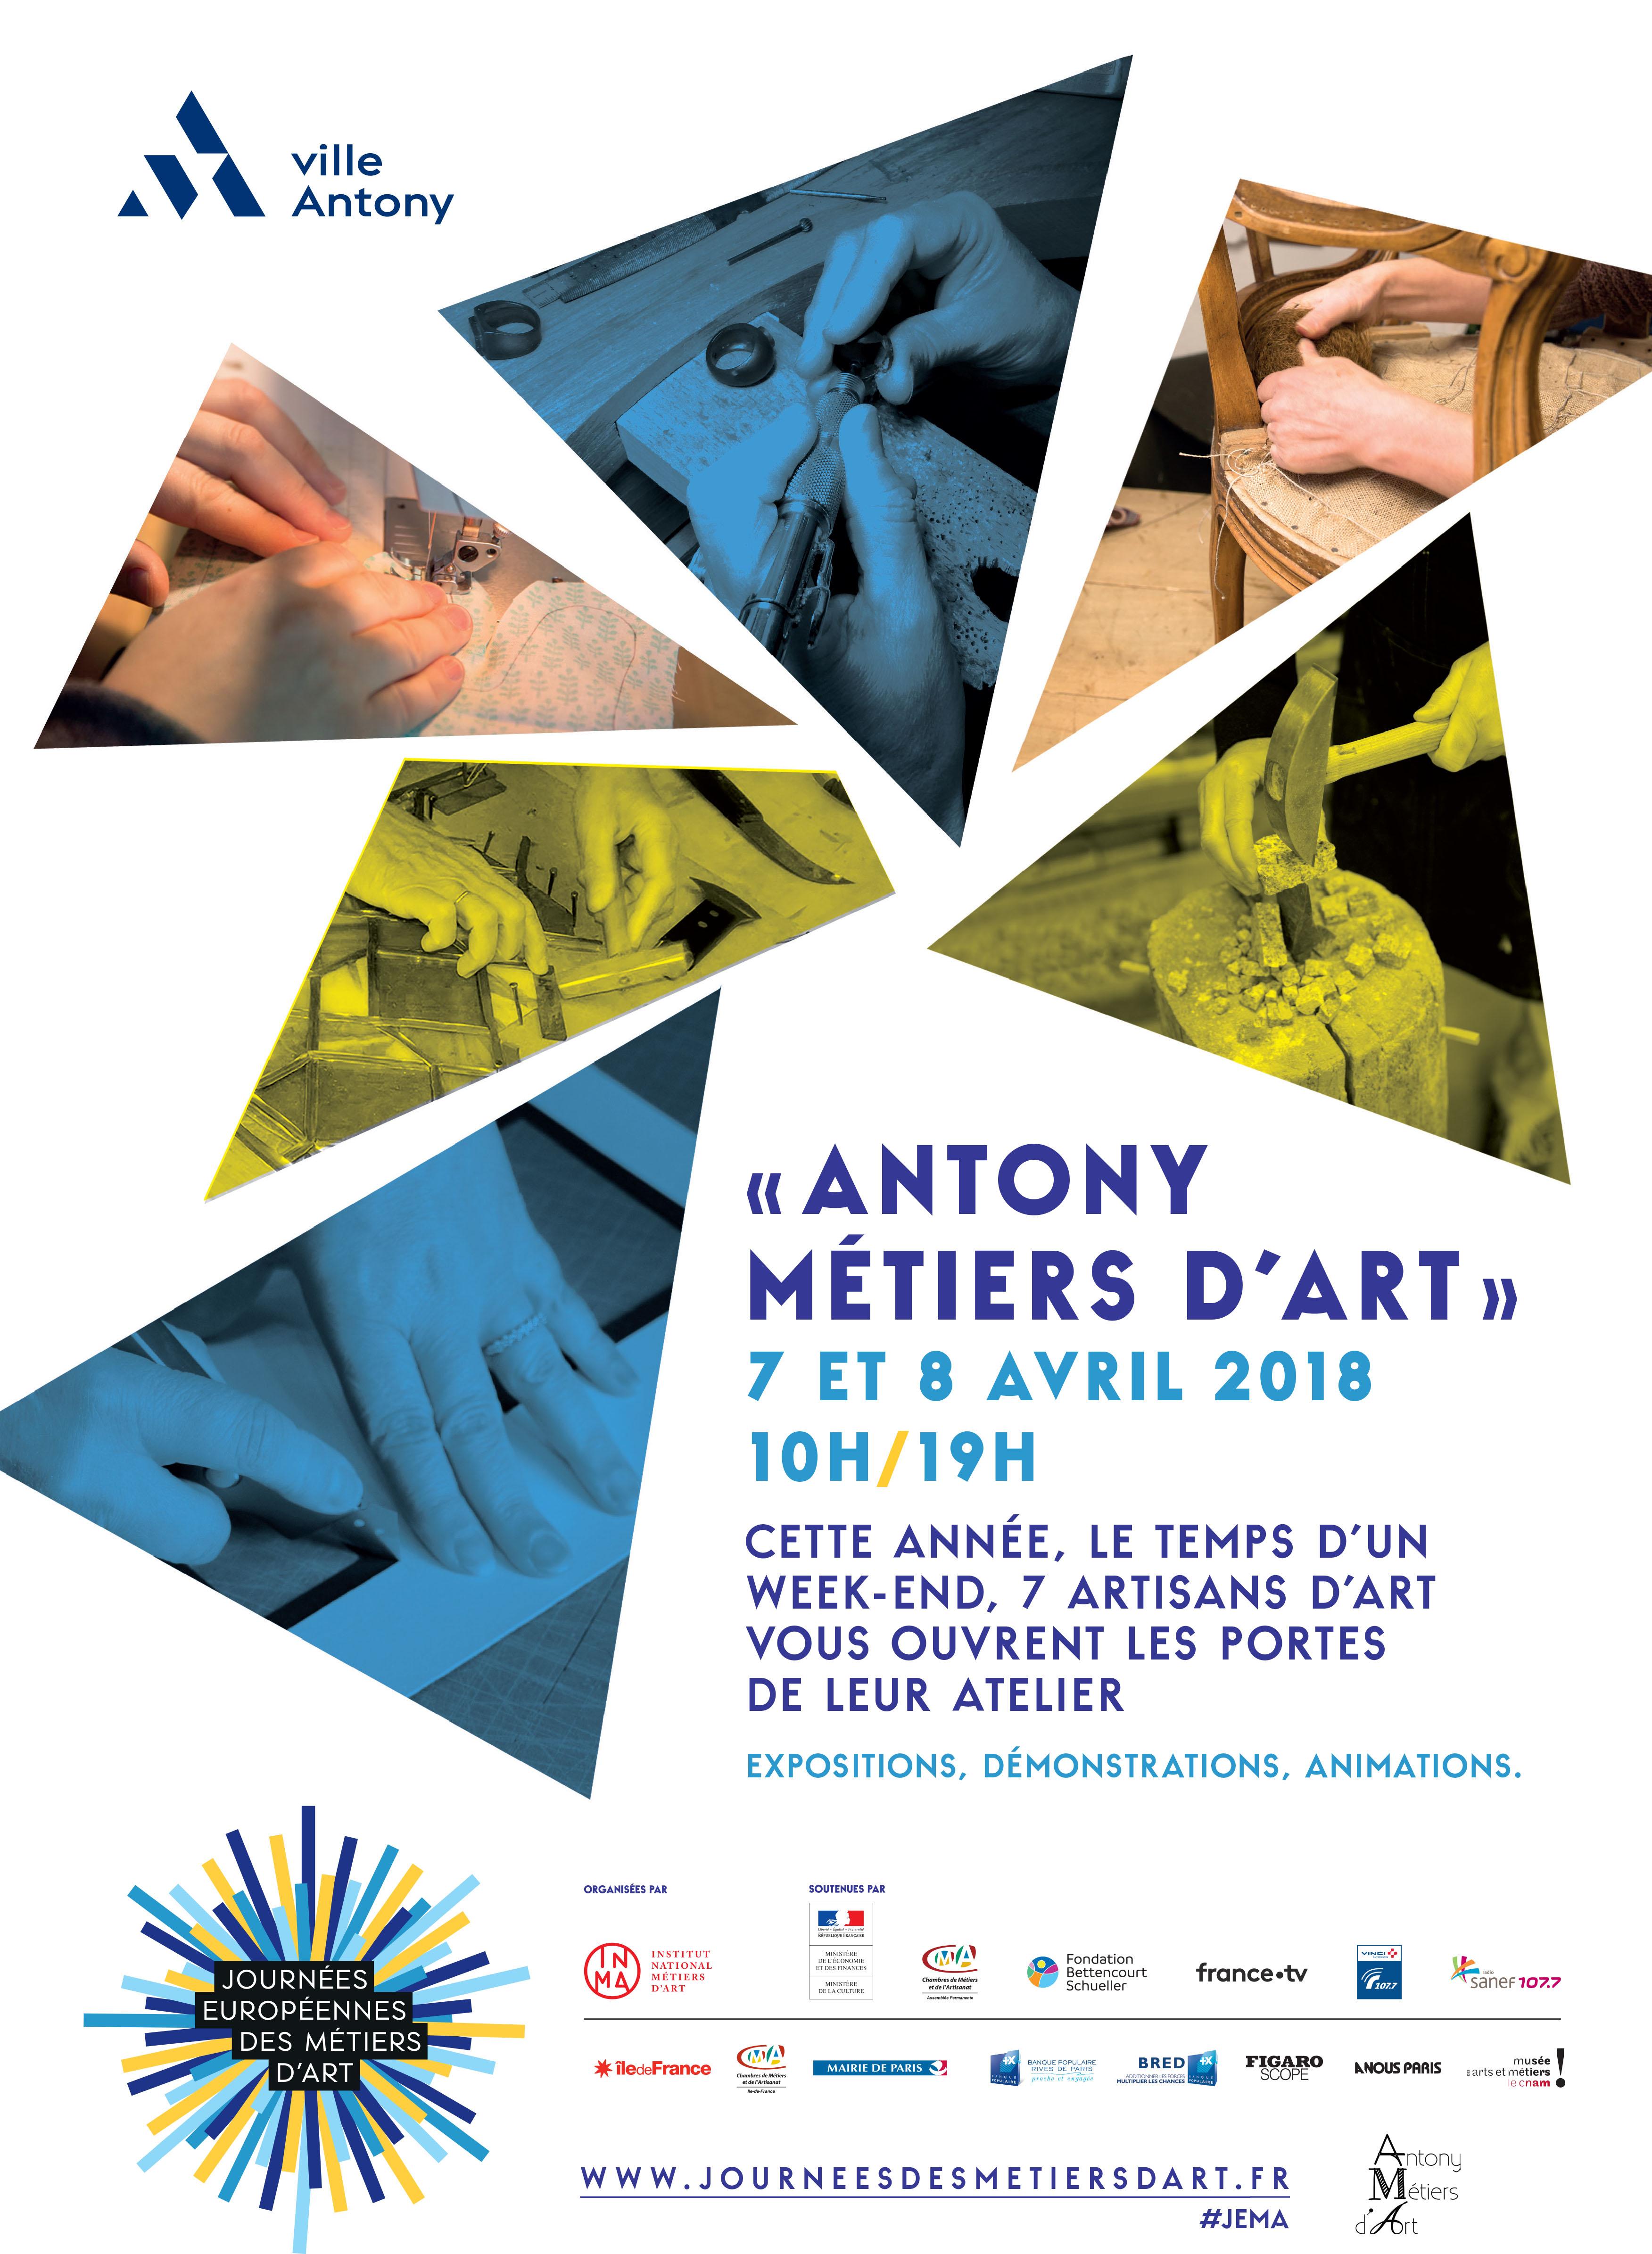 Journées Européennes des Métiers d'art les 7 et 8 avril 2018